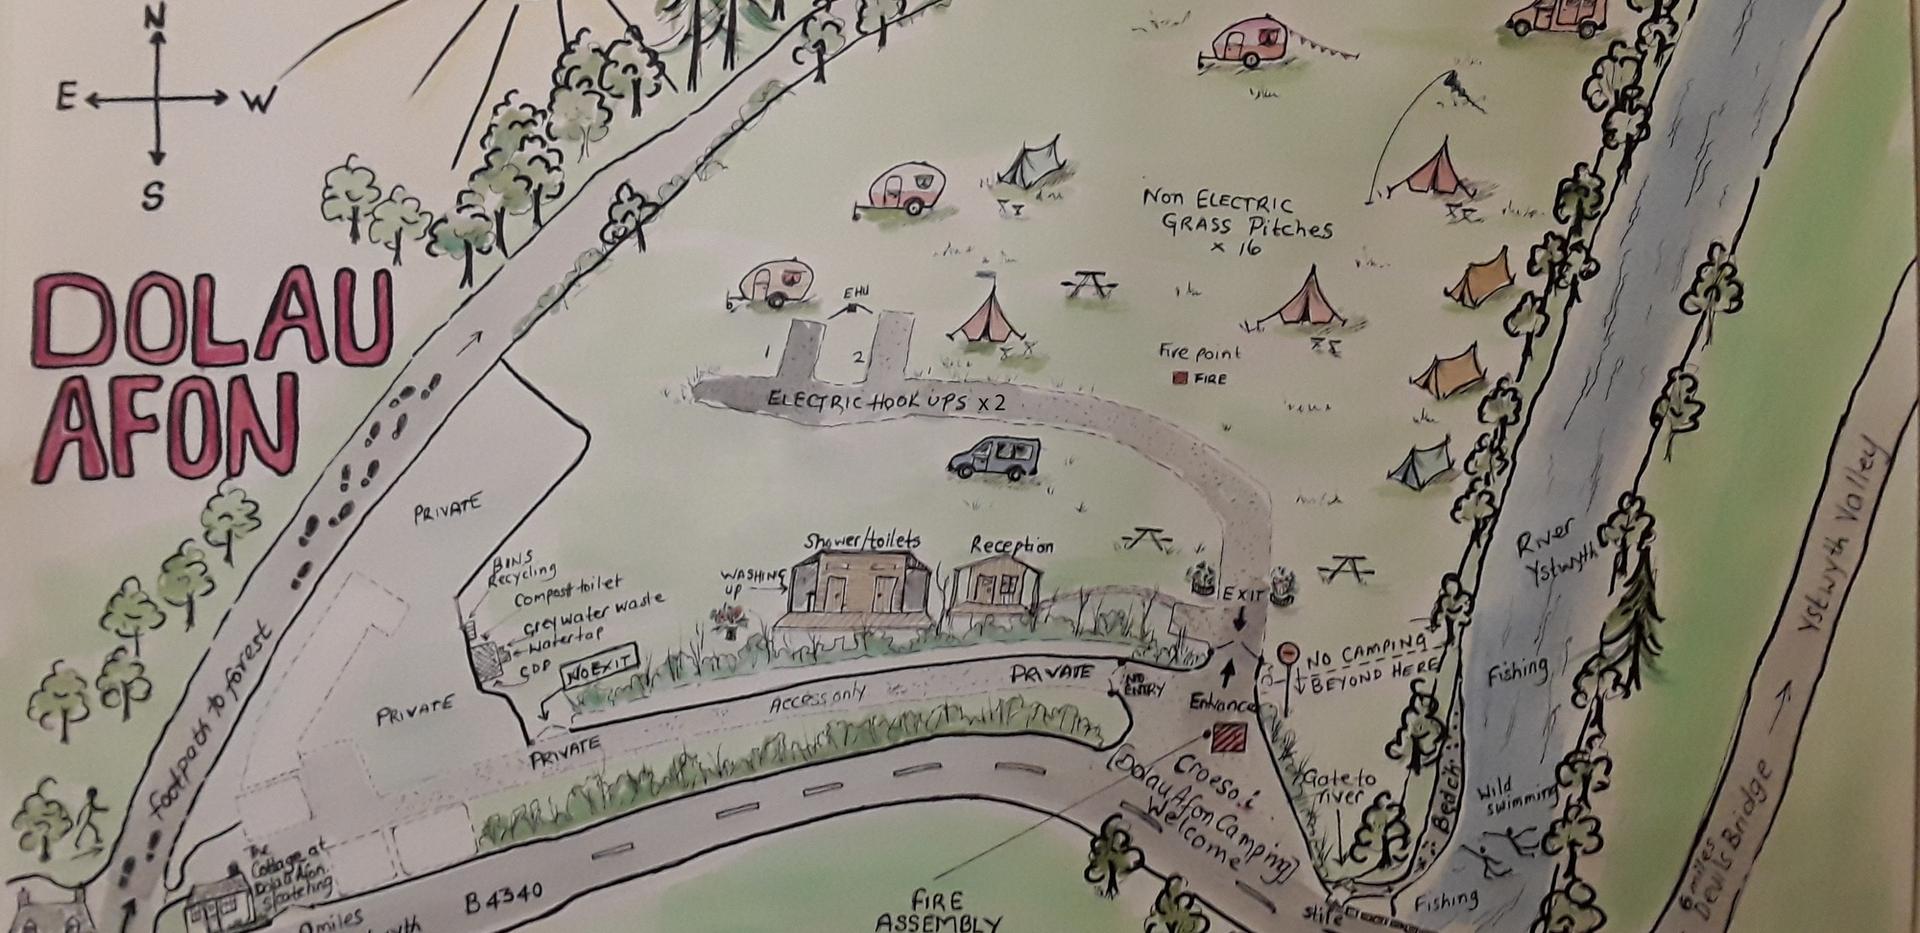 Dolau Afon Campsite Map